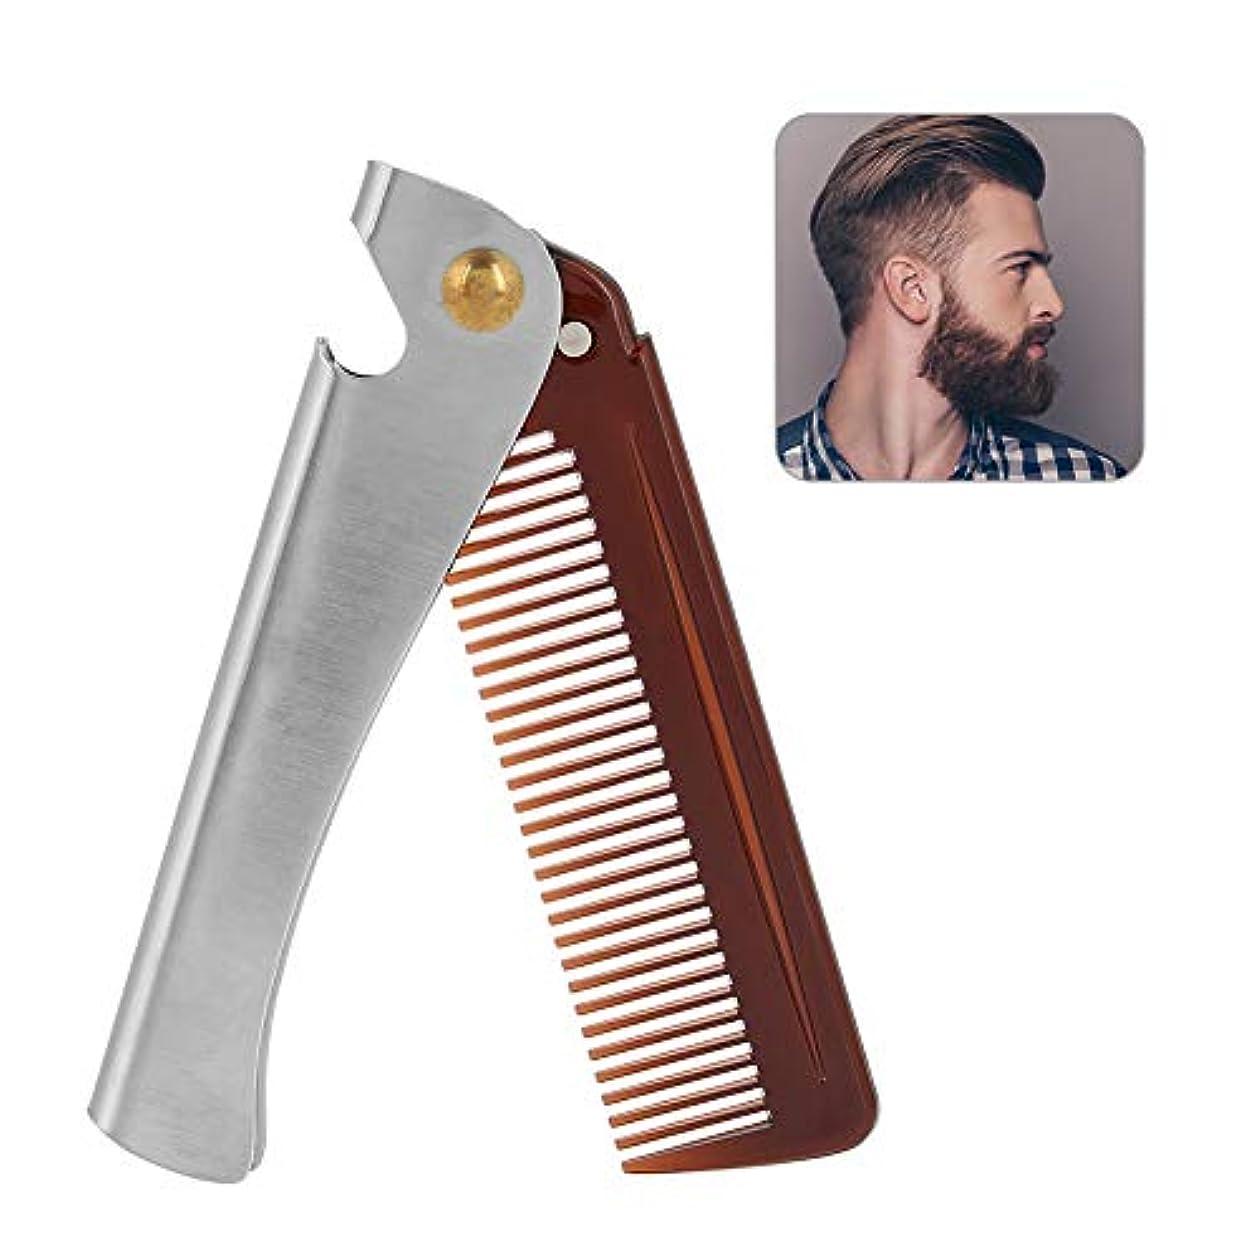 ゴールドヘロイン道を作る男性用のひげとヘアケア折りたたみ櫛と春押しボタン